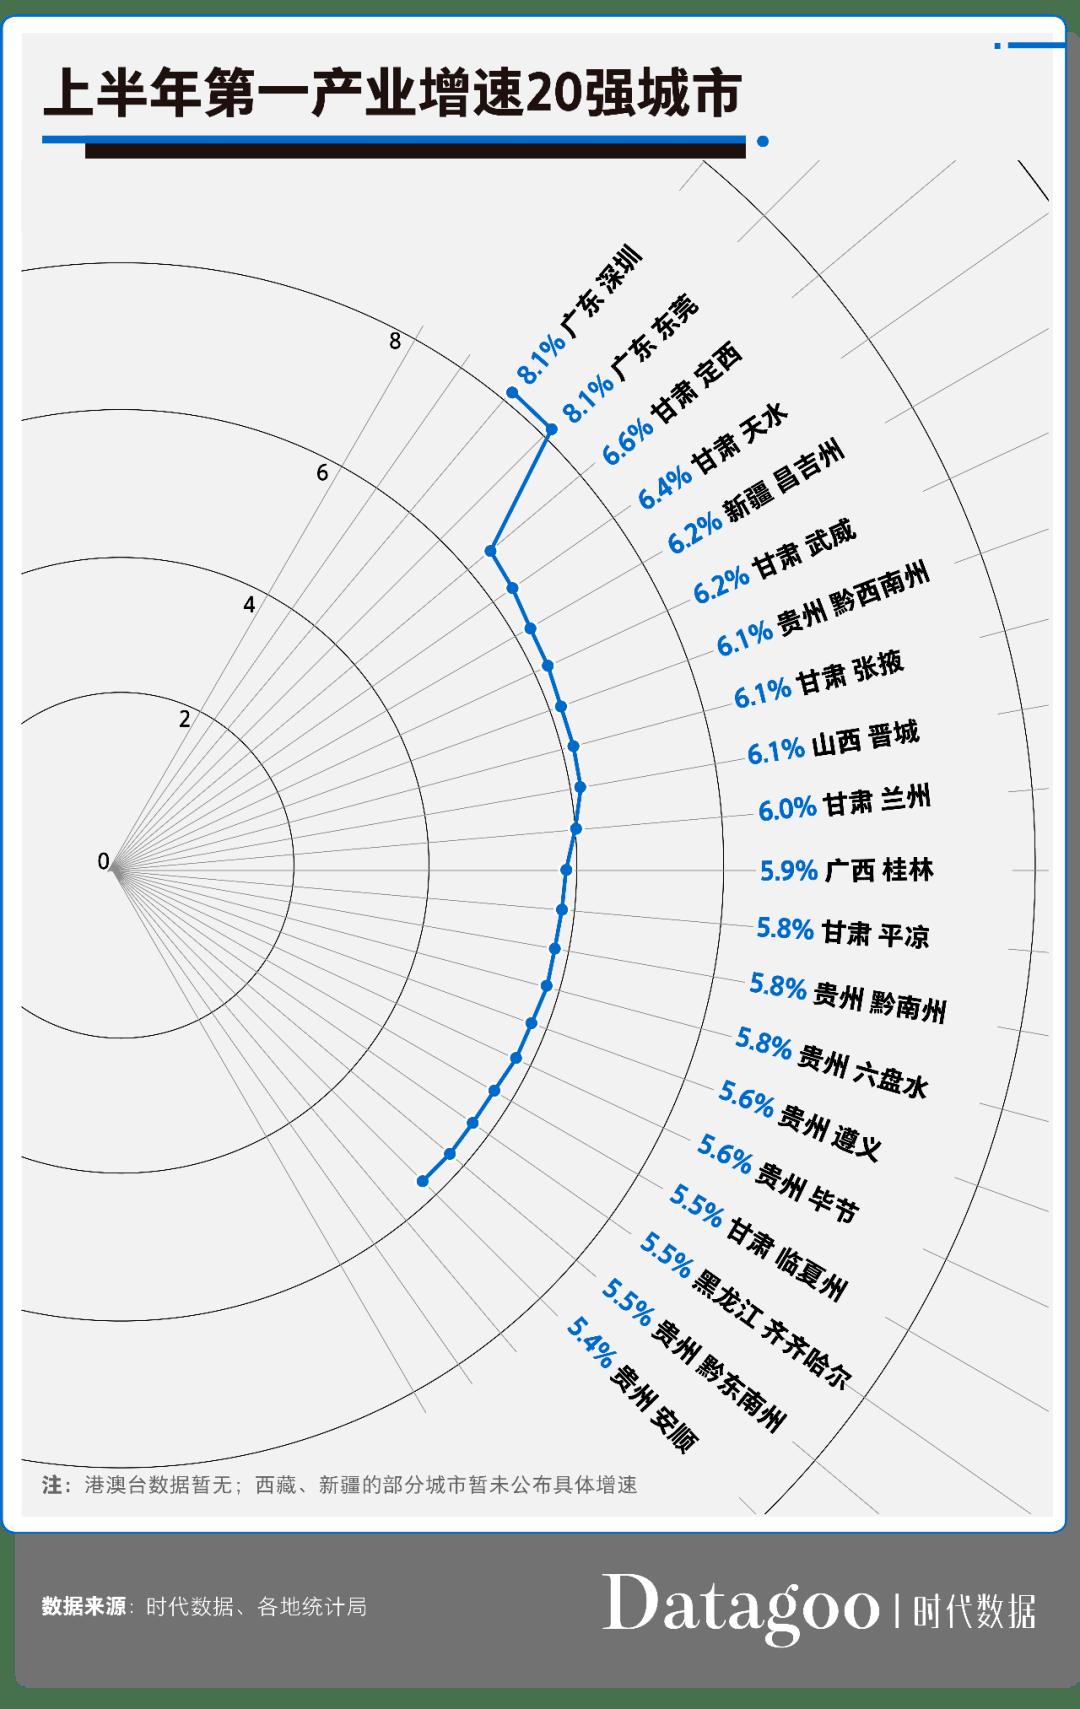 江苏2020年GDP一产_南方观察 2020年深圳四区GDP增速过5 ,总量第一又是TA